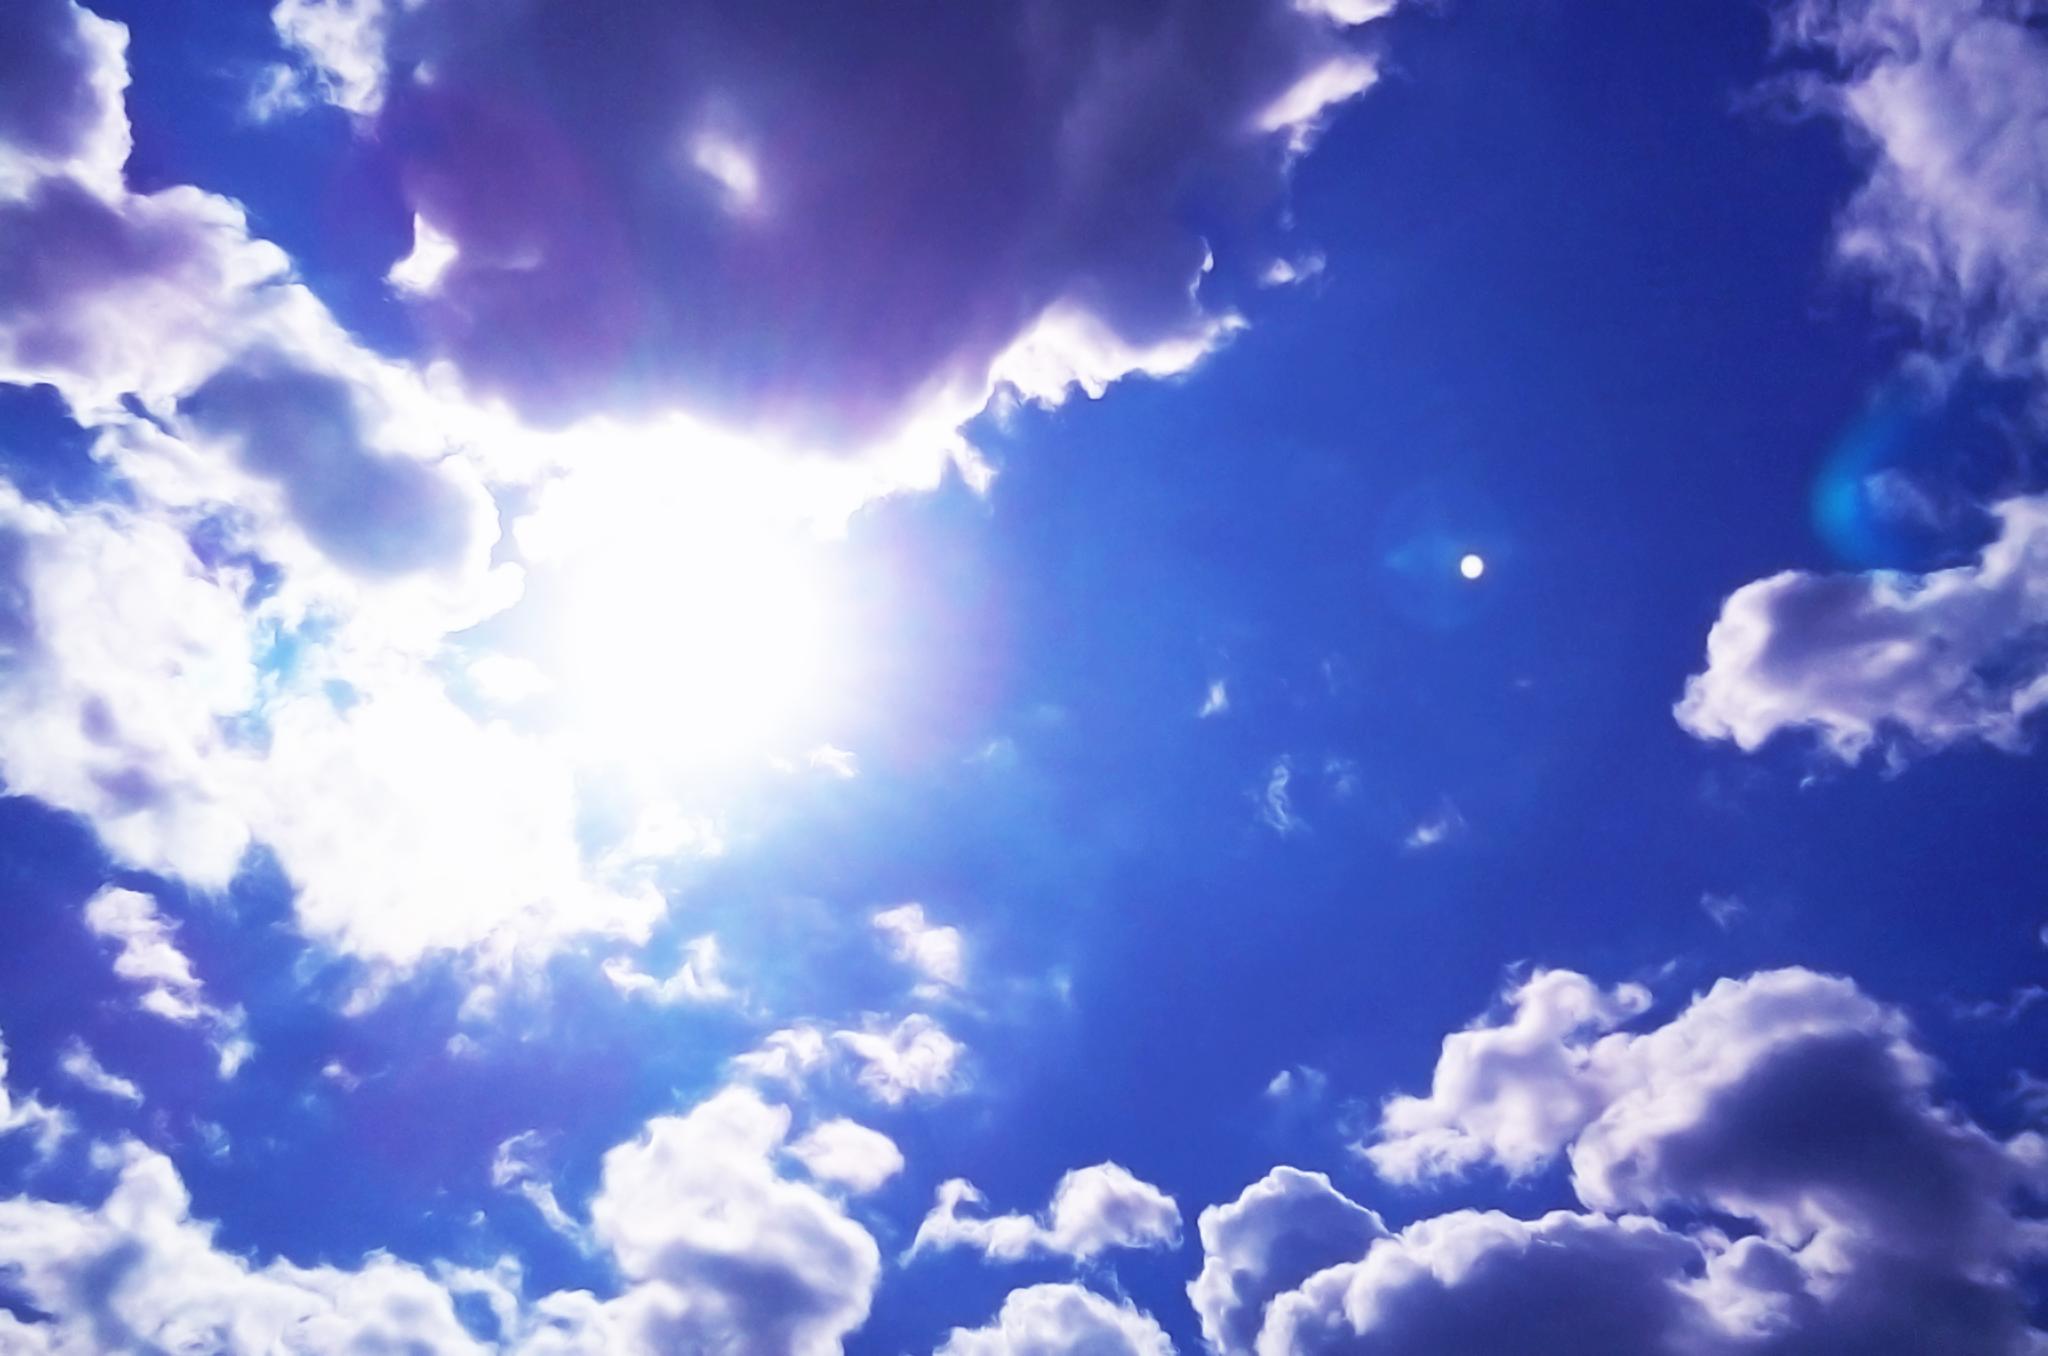 Sky by Deiroko